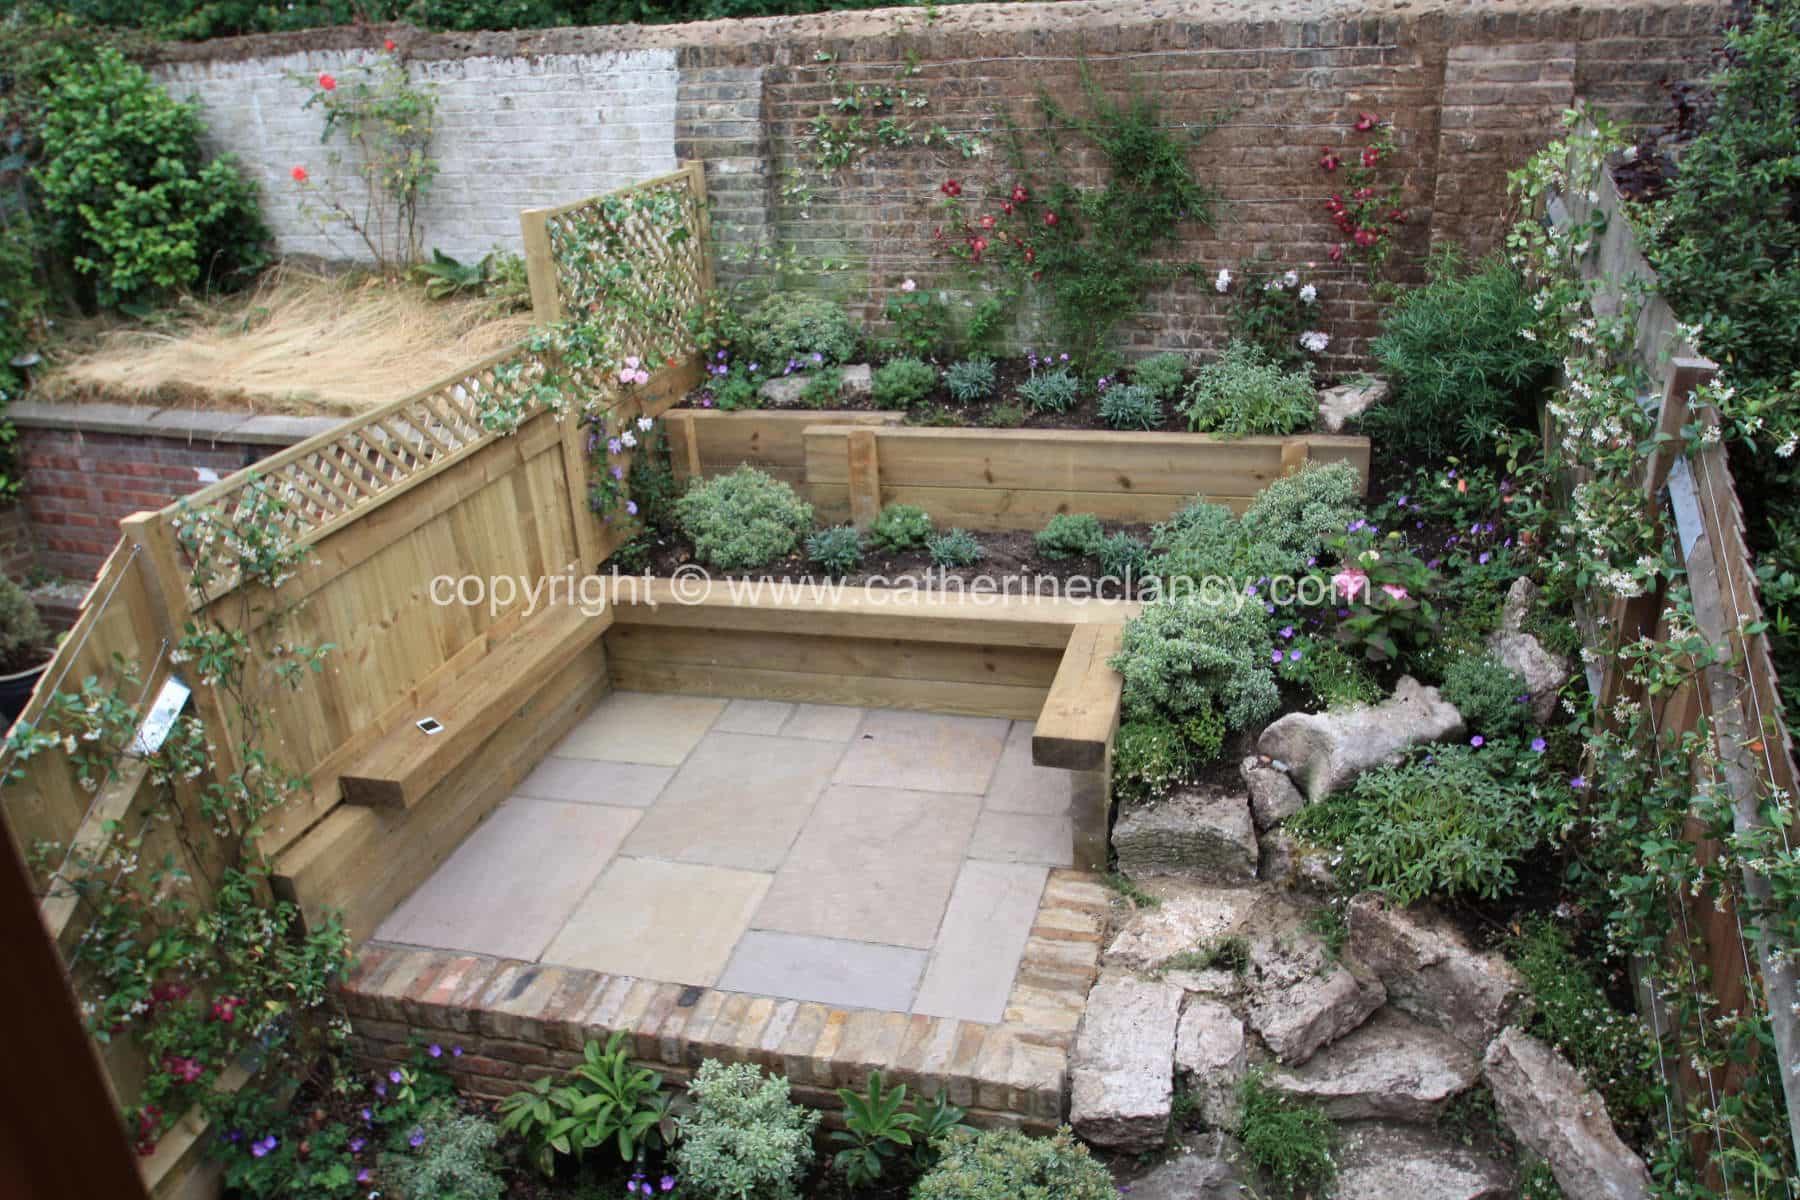 greenwich-terraced-garden-7